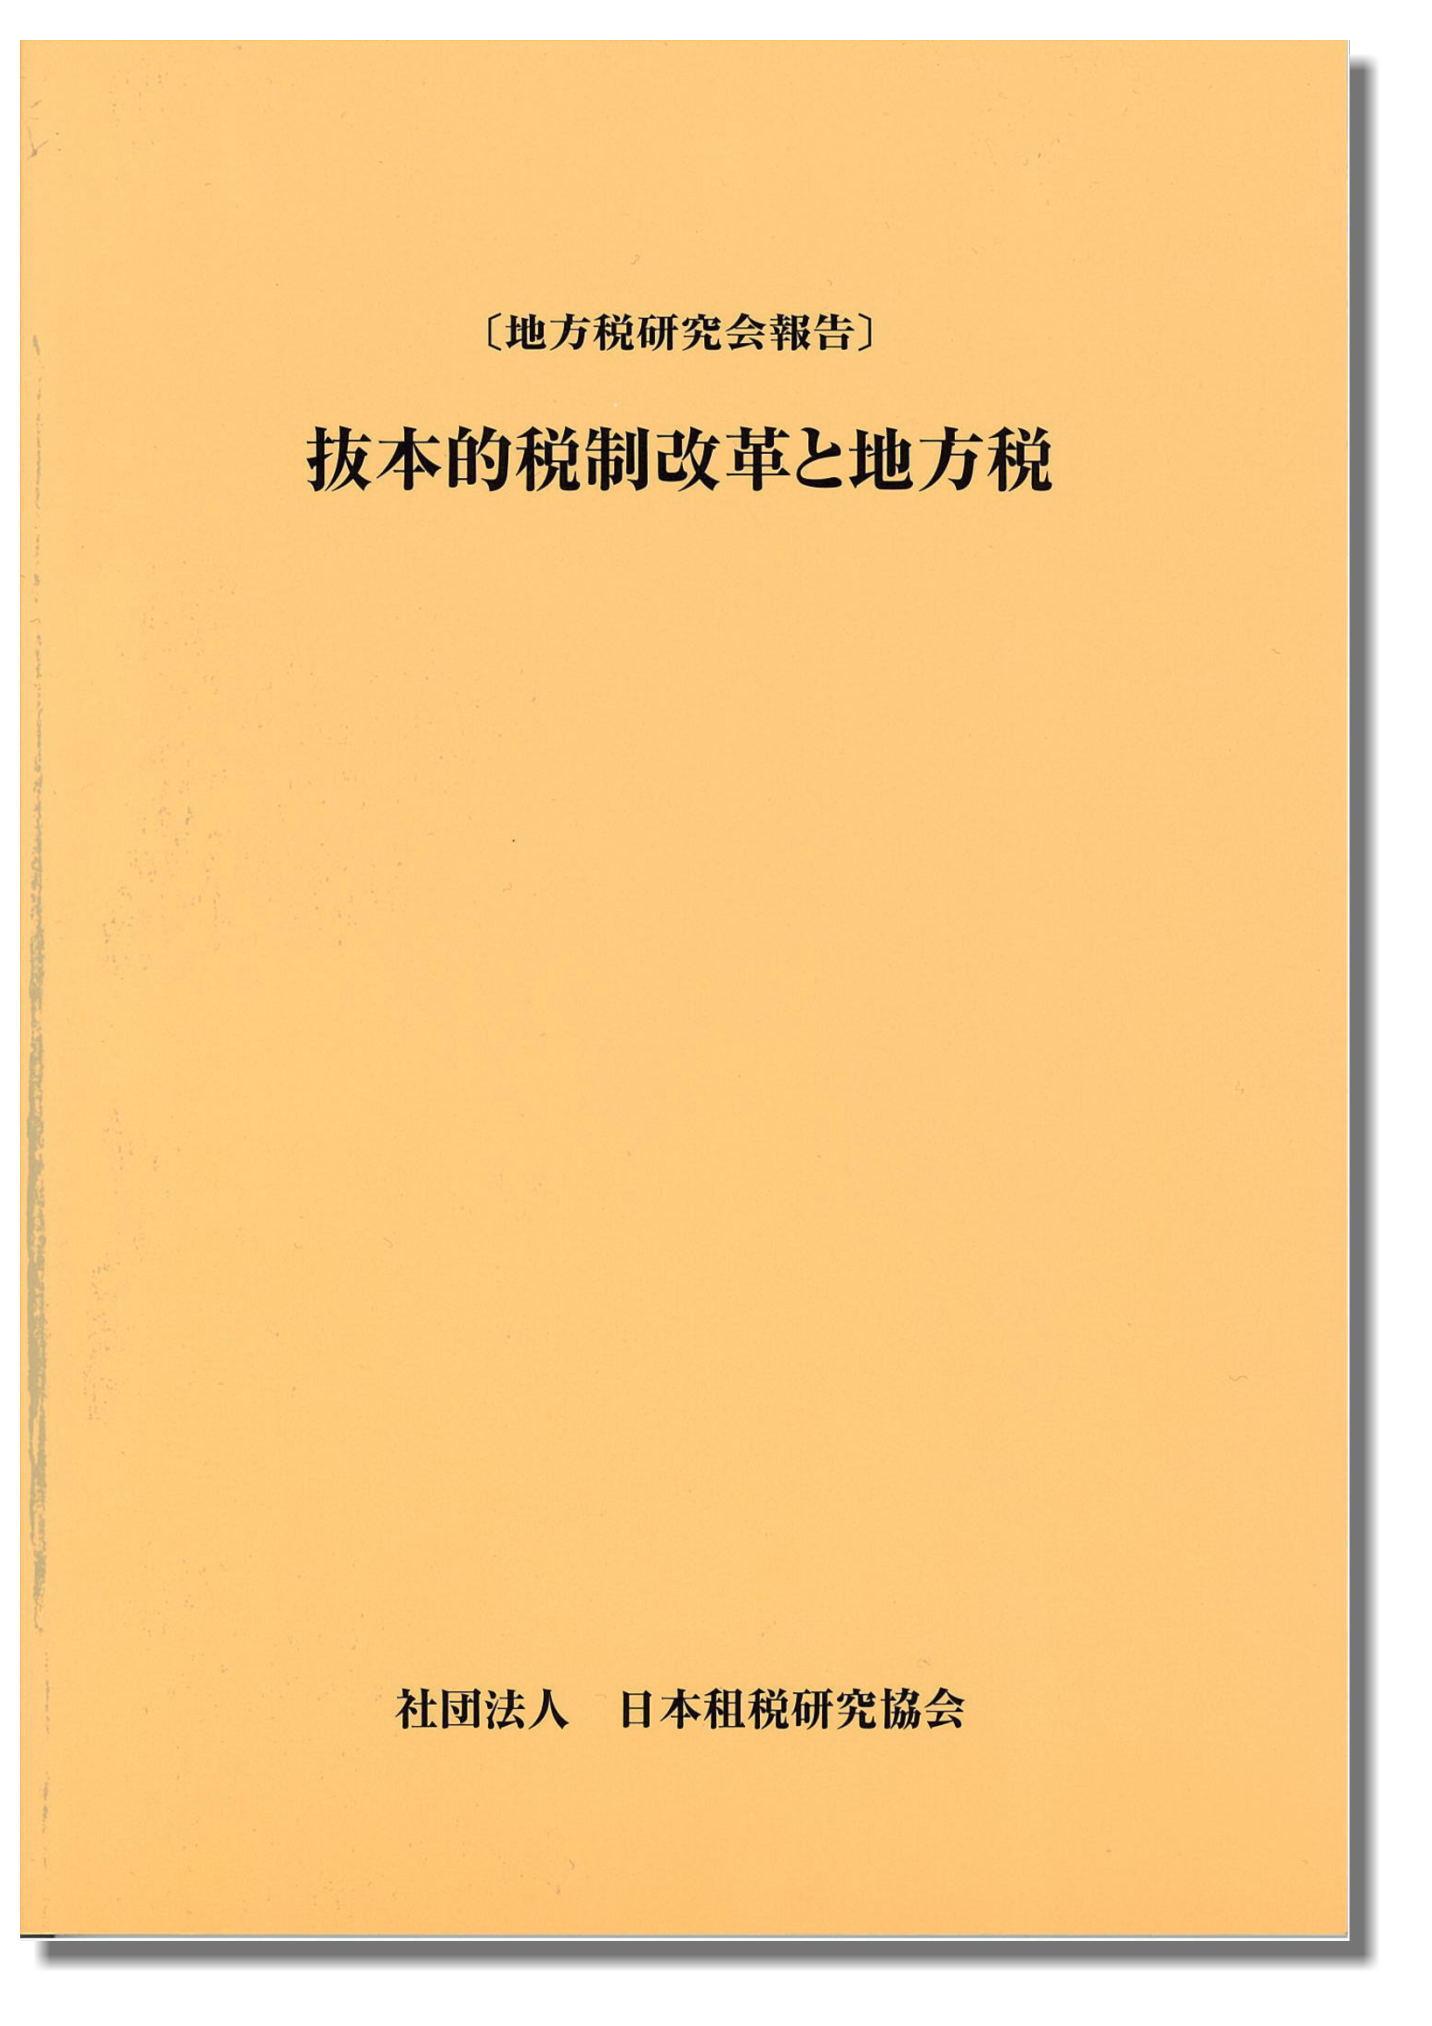 〔地方税研究会報告〕 抜本的税制改革と地方税